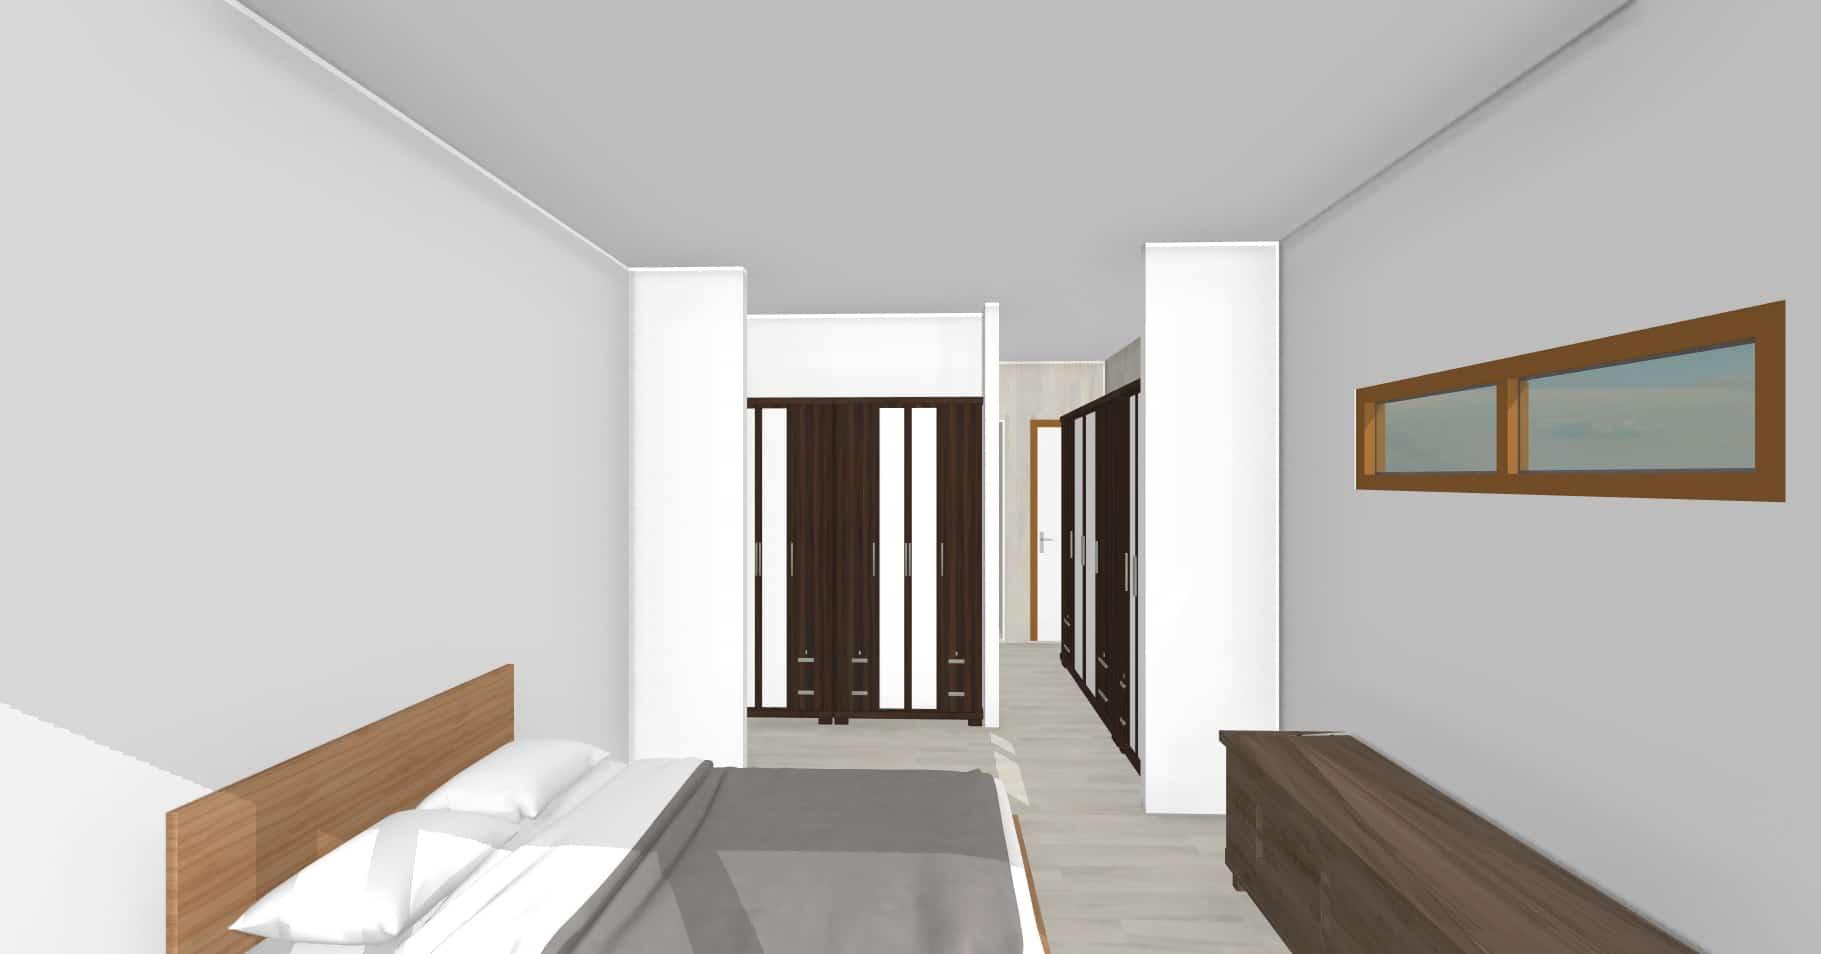 Vista dormitorio suite   103 m2Casa mediterranea prefabricada en U